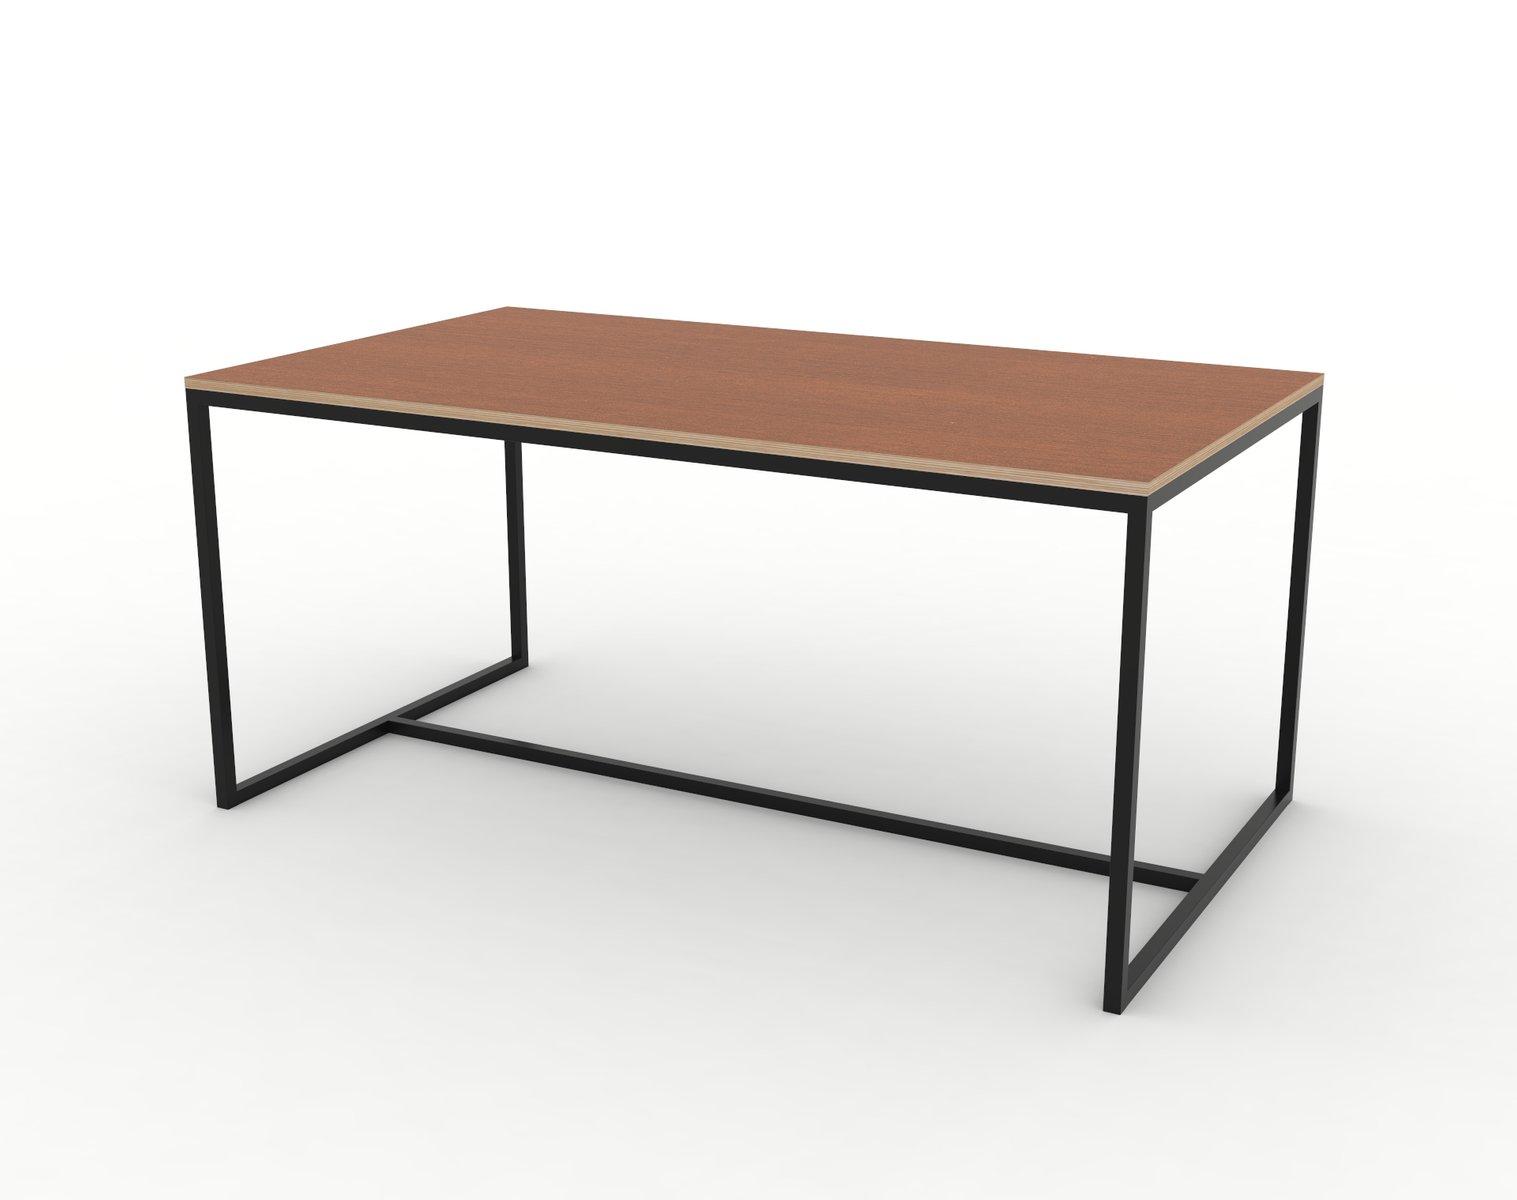 Underline Esstisch mit Kirschholzfurnier von CRP.XPN